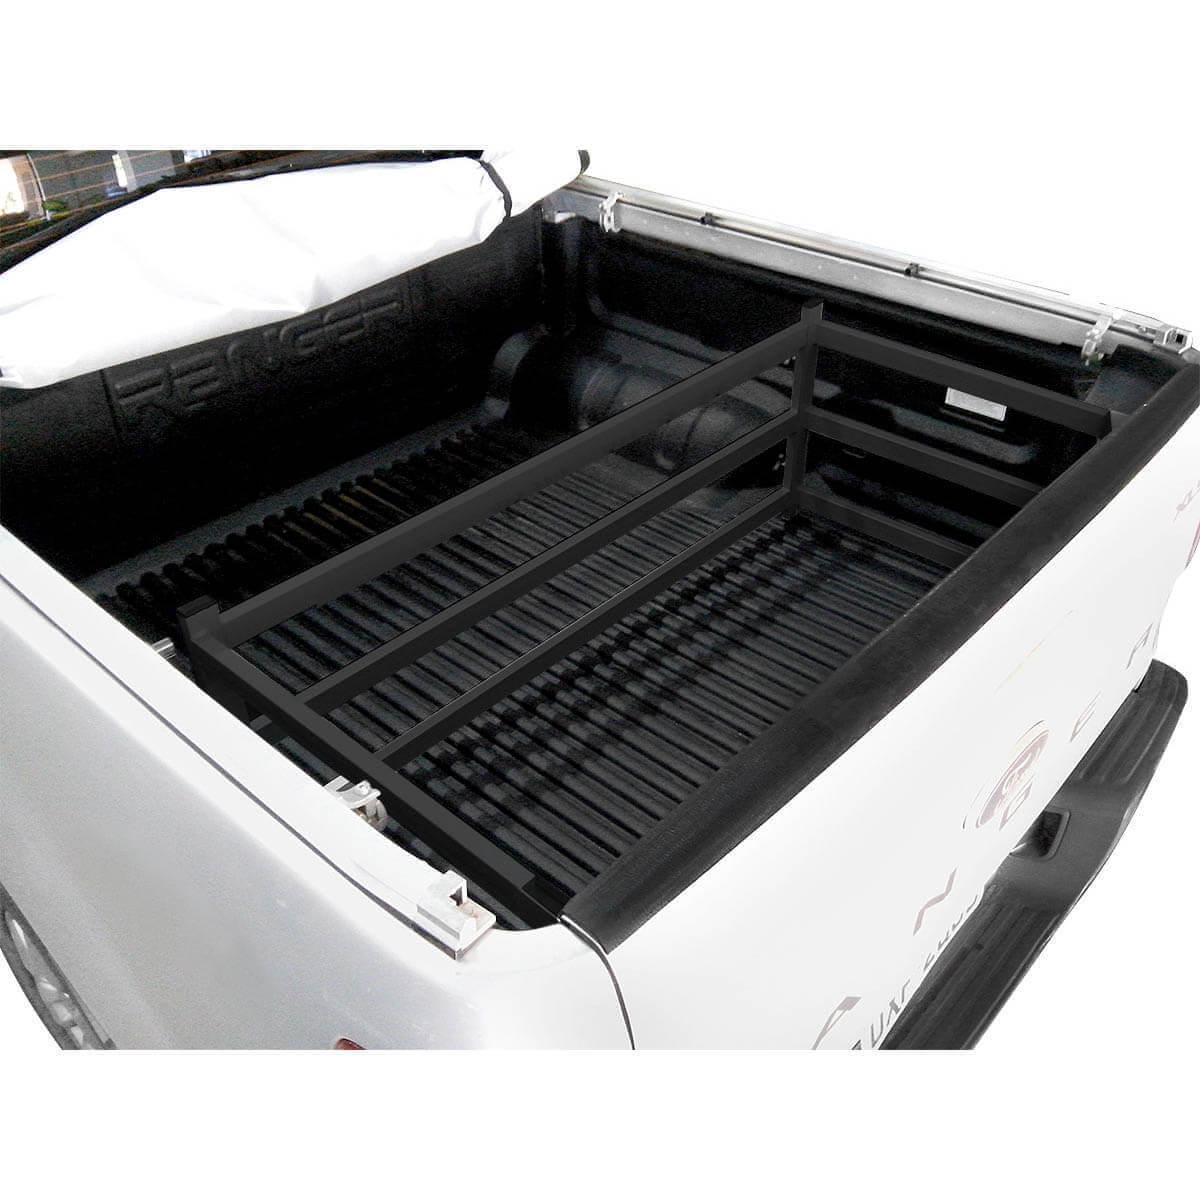 Extensor de caçamba preto L200 Triton 2008 a 2016 HPE HLS Outdoor AT Diesel Outdoor FLEX